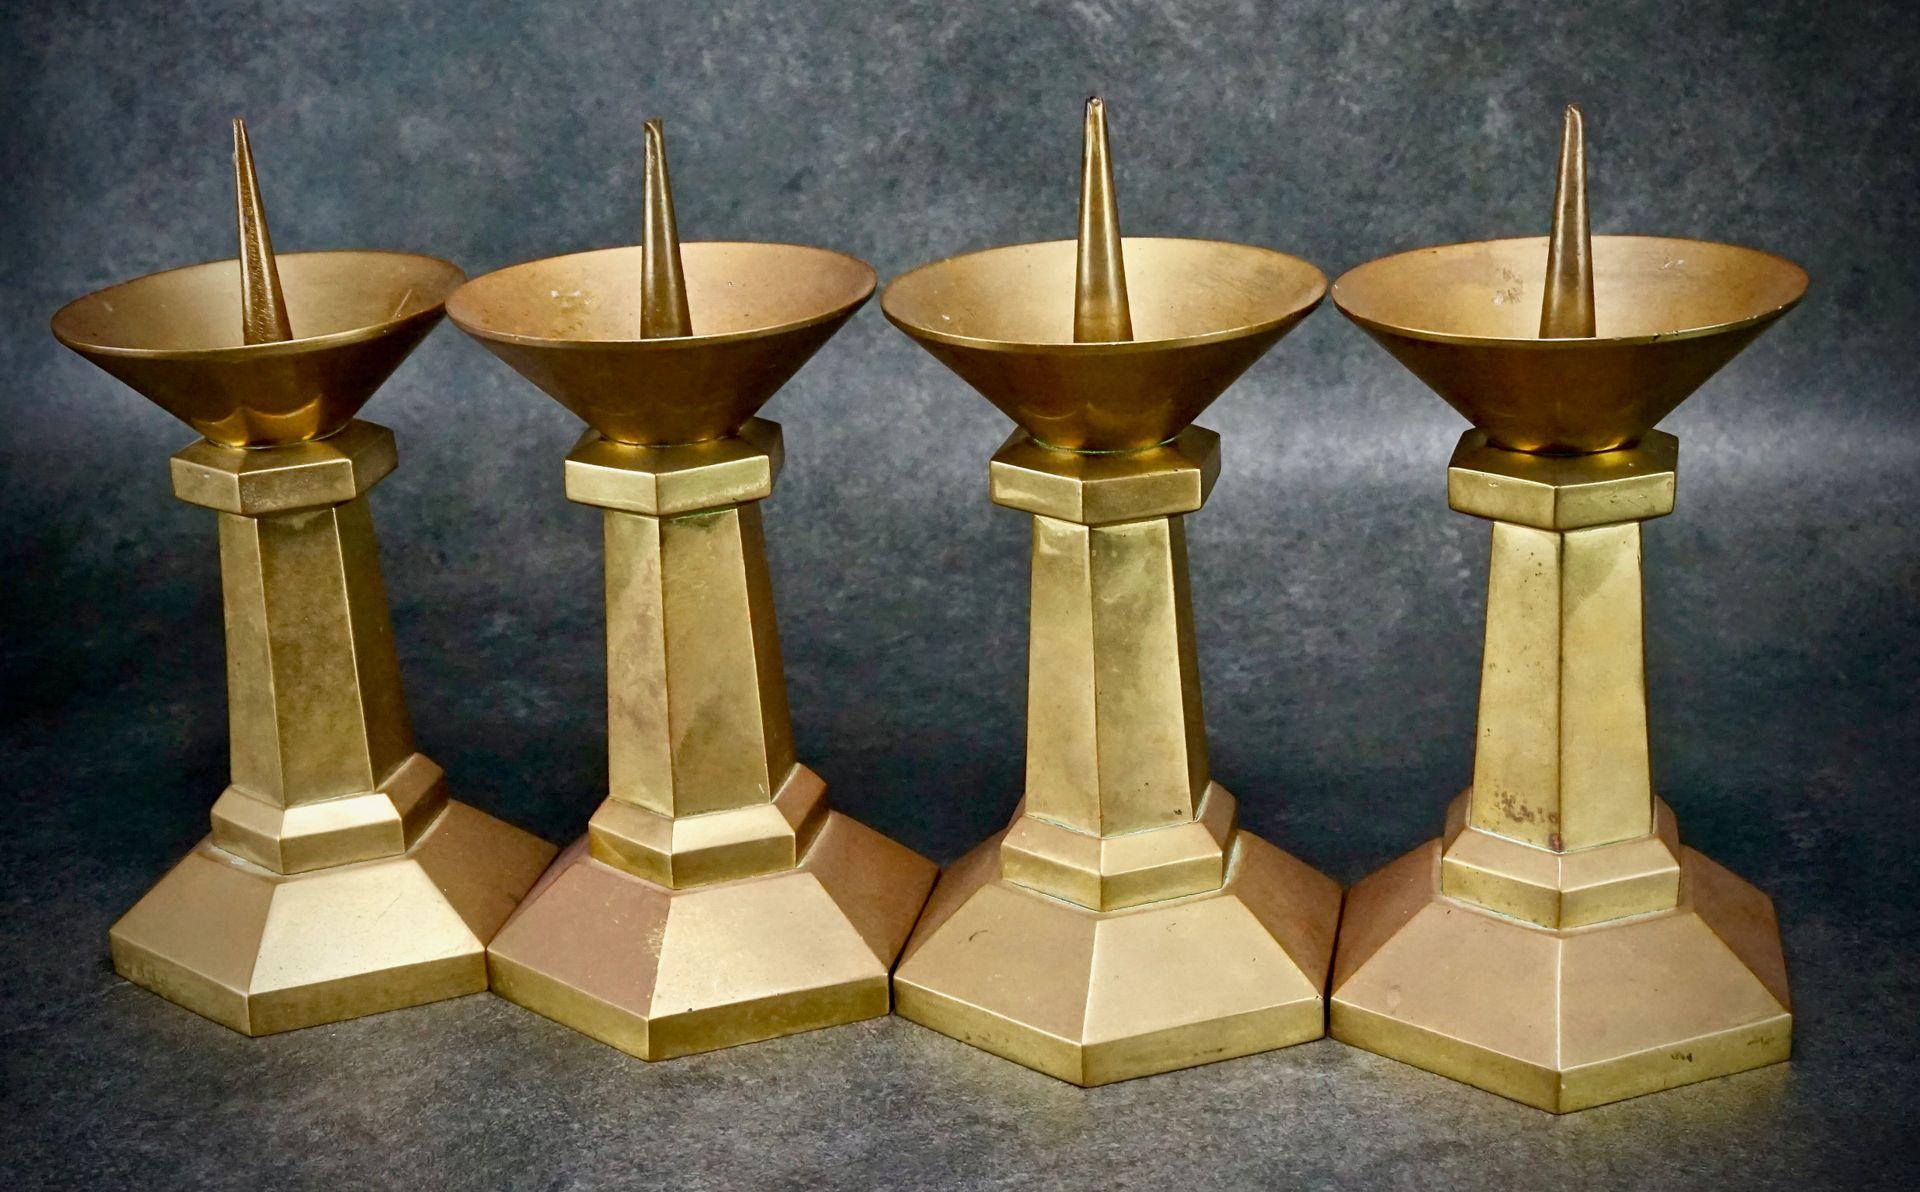 ... Set of 6 church candlesticks ...